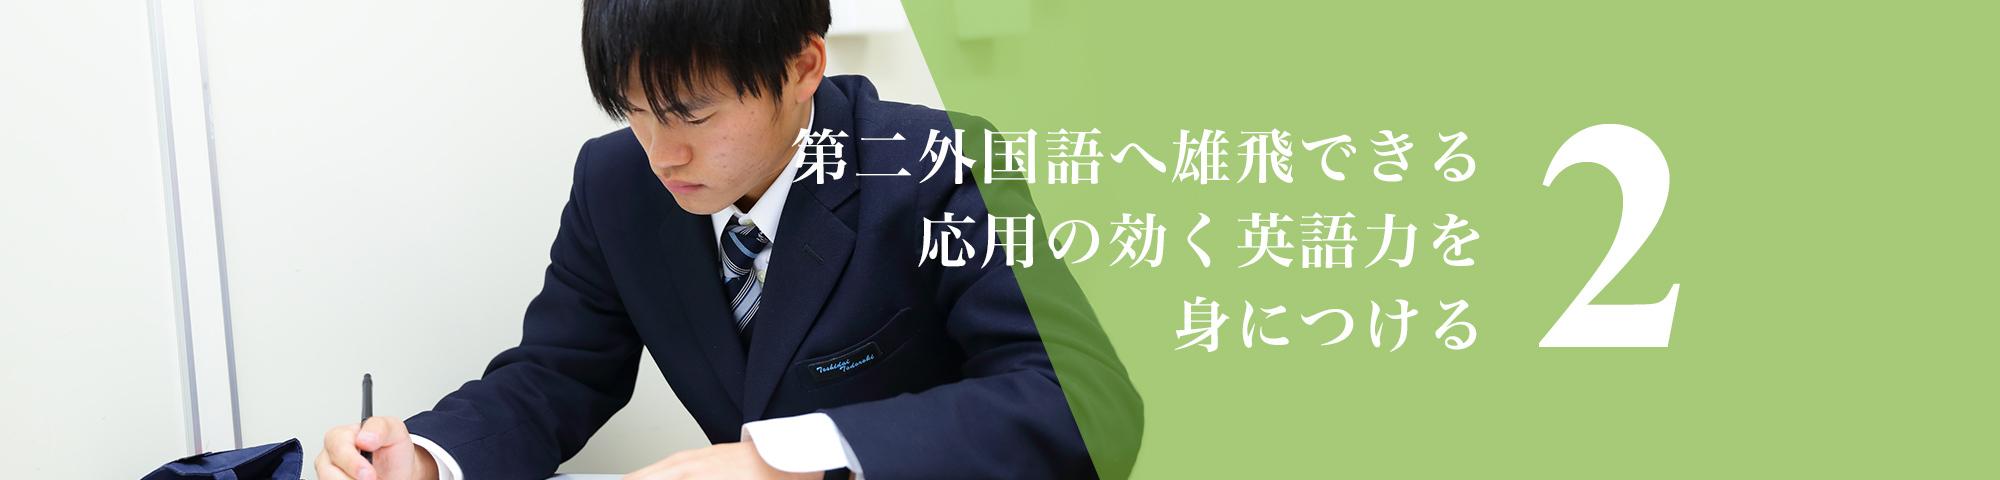 第二外国語へ雄飛できる応用の効く英語力を身につける